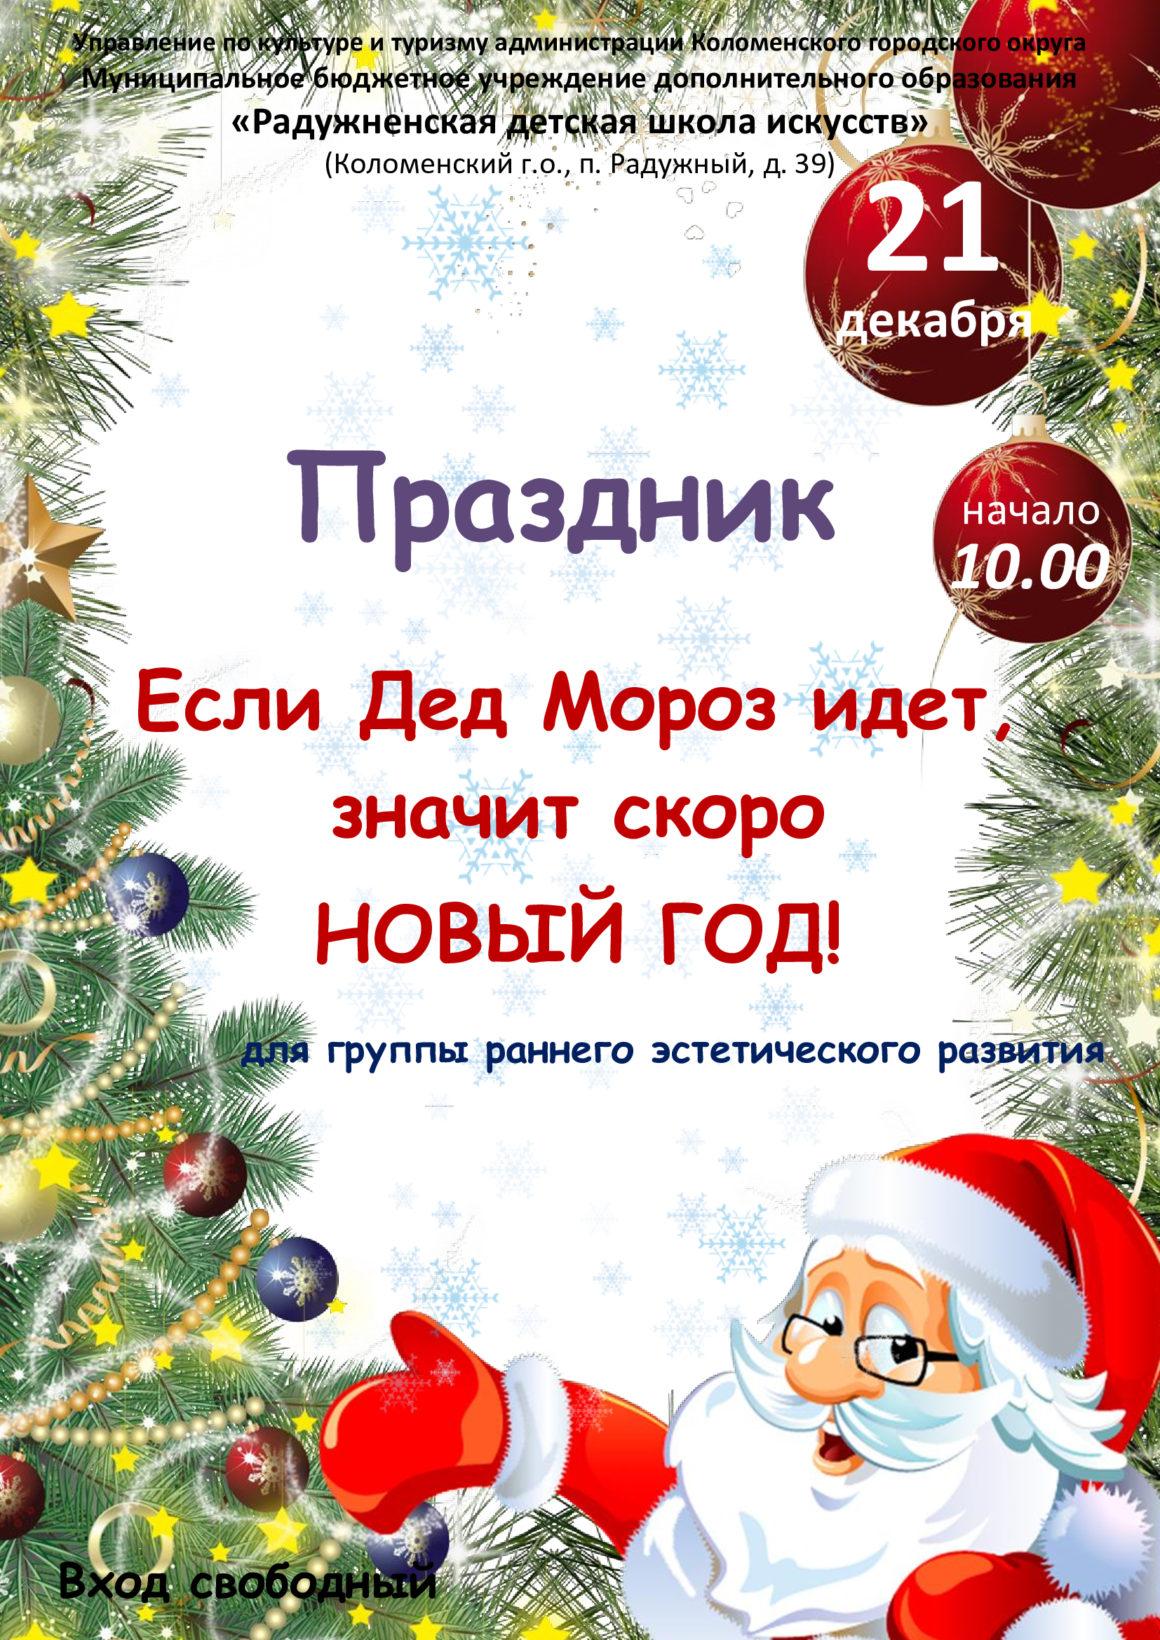 «Если Дед Мороз идет, значит скоро Новый год»